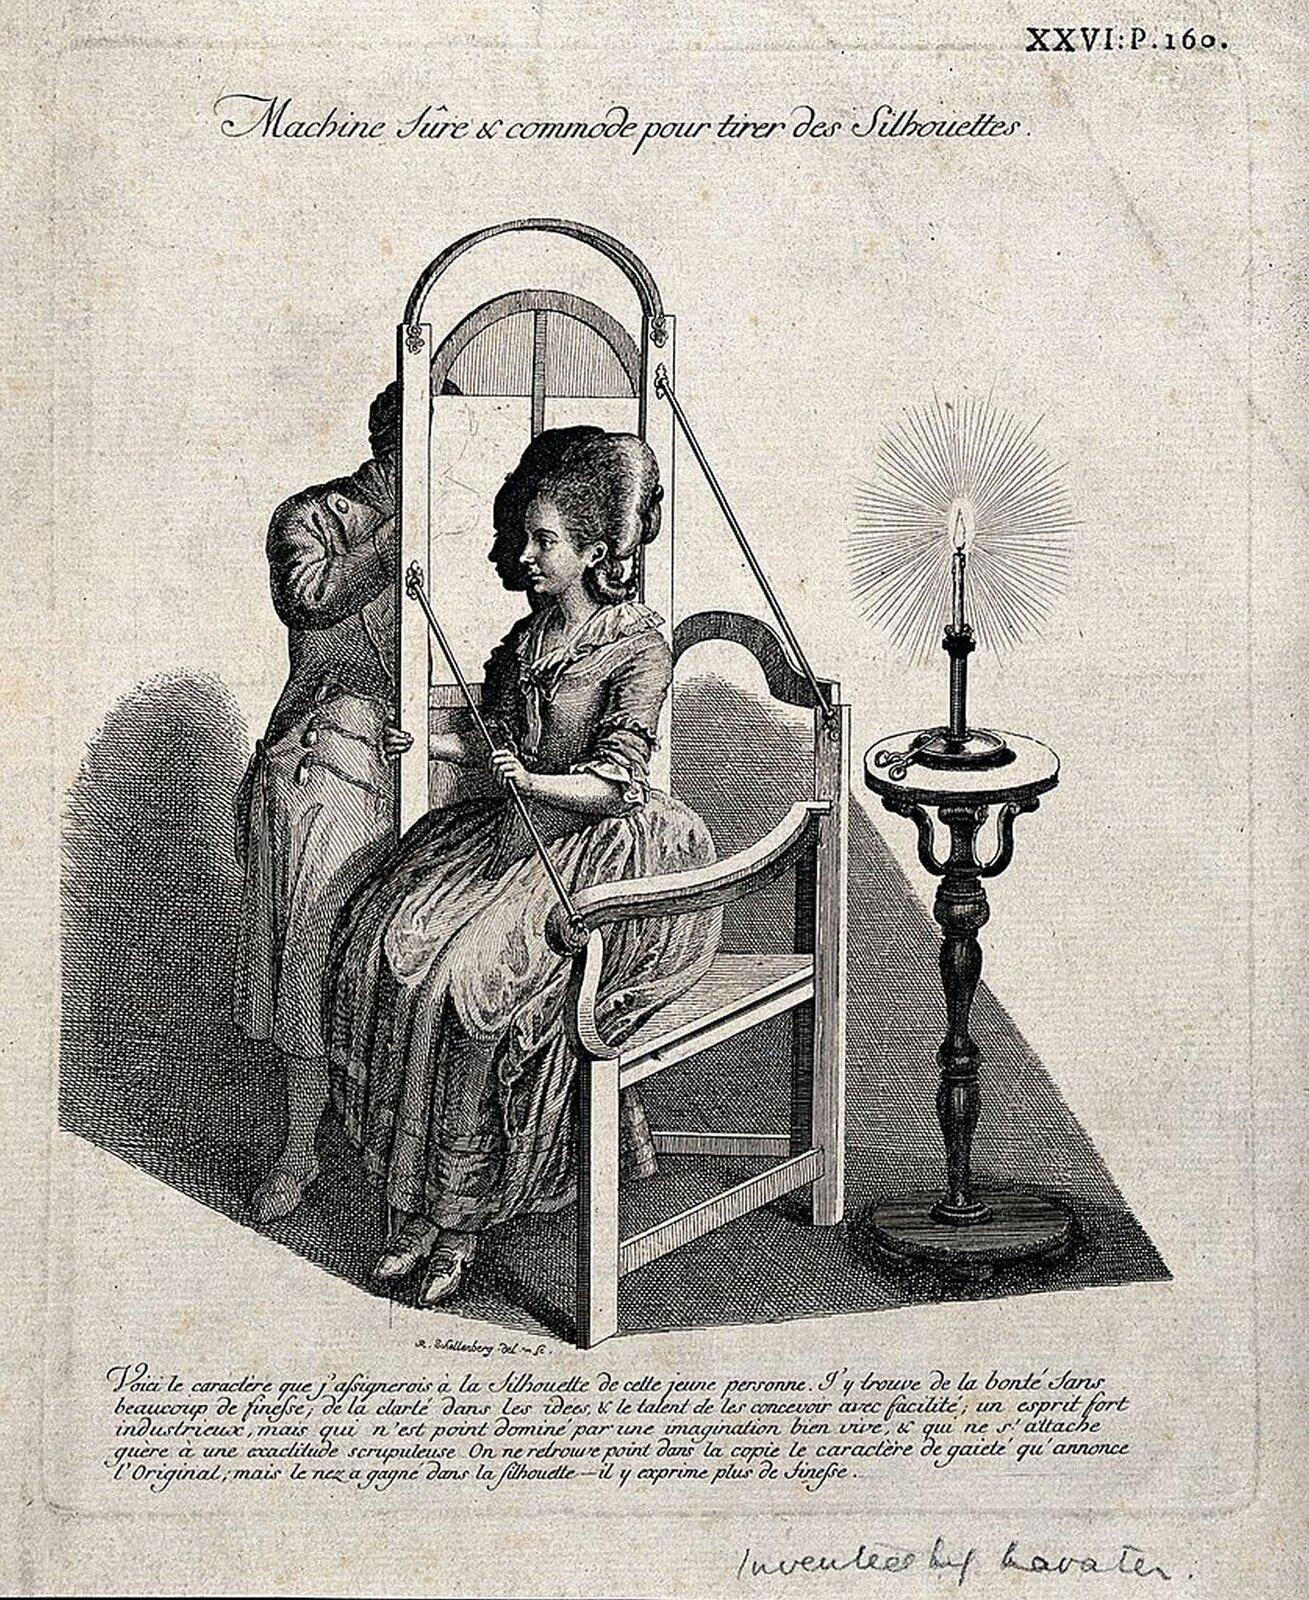 """Ilustracja przedstawiająca grafikę autorstwa Johanna Rudolpha Schellenberga pt. """"Mężczyzna odrysowujący silhouette siedzącej kobiety"""". Ilustracja przedstawia siedzącą na krześle kobietę, obok niej stoi świeca oraz mężczyzna rysujący jej sylwetkę."""